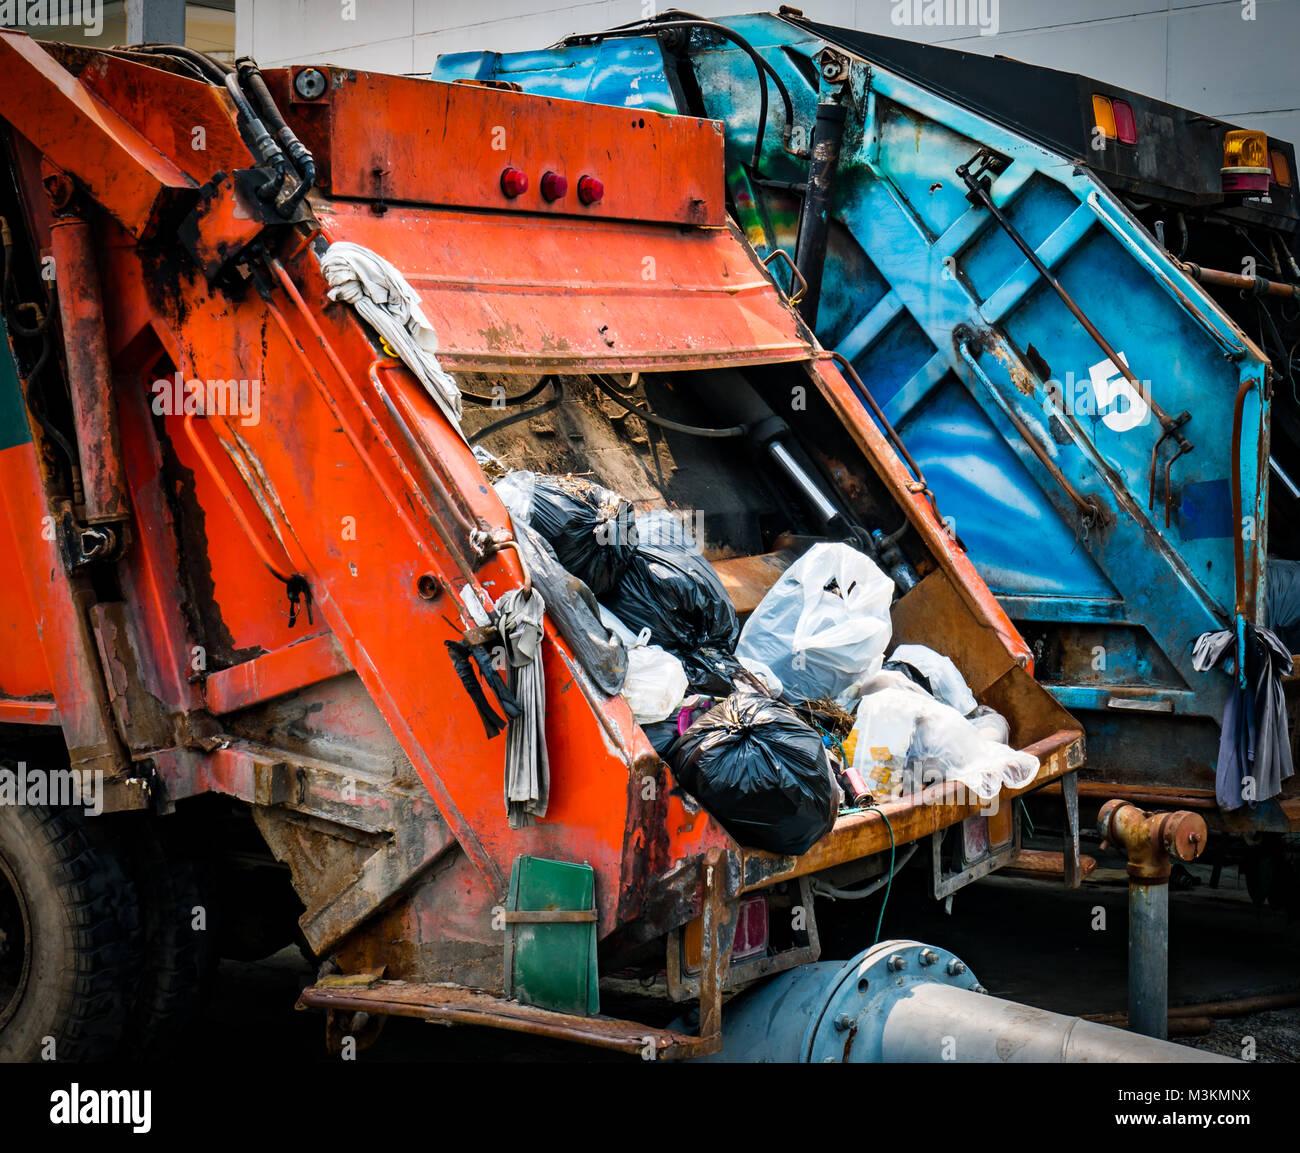 Atrás del viejo camión recolector de basura con residuos. Concepto de gestión de residuos urbanos. Imagen De Stock